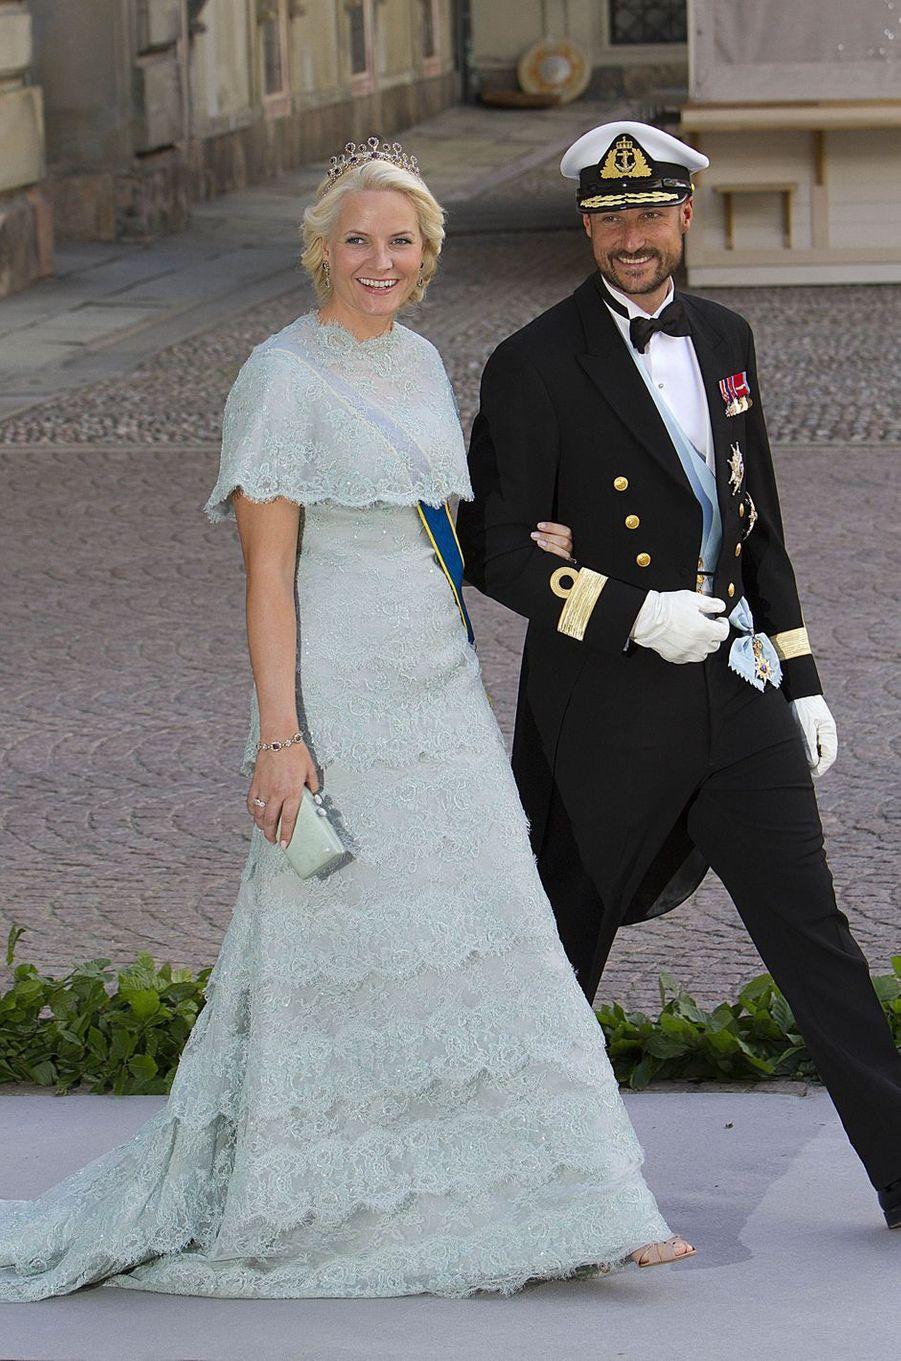 La princesse Mette-Marit et le prince Haakon de Norvège, le 8 juin 2013